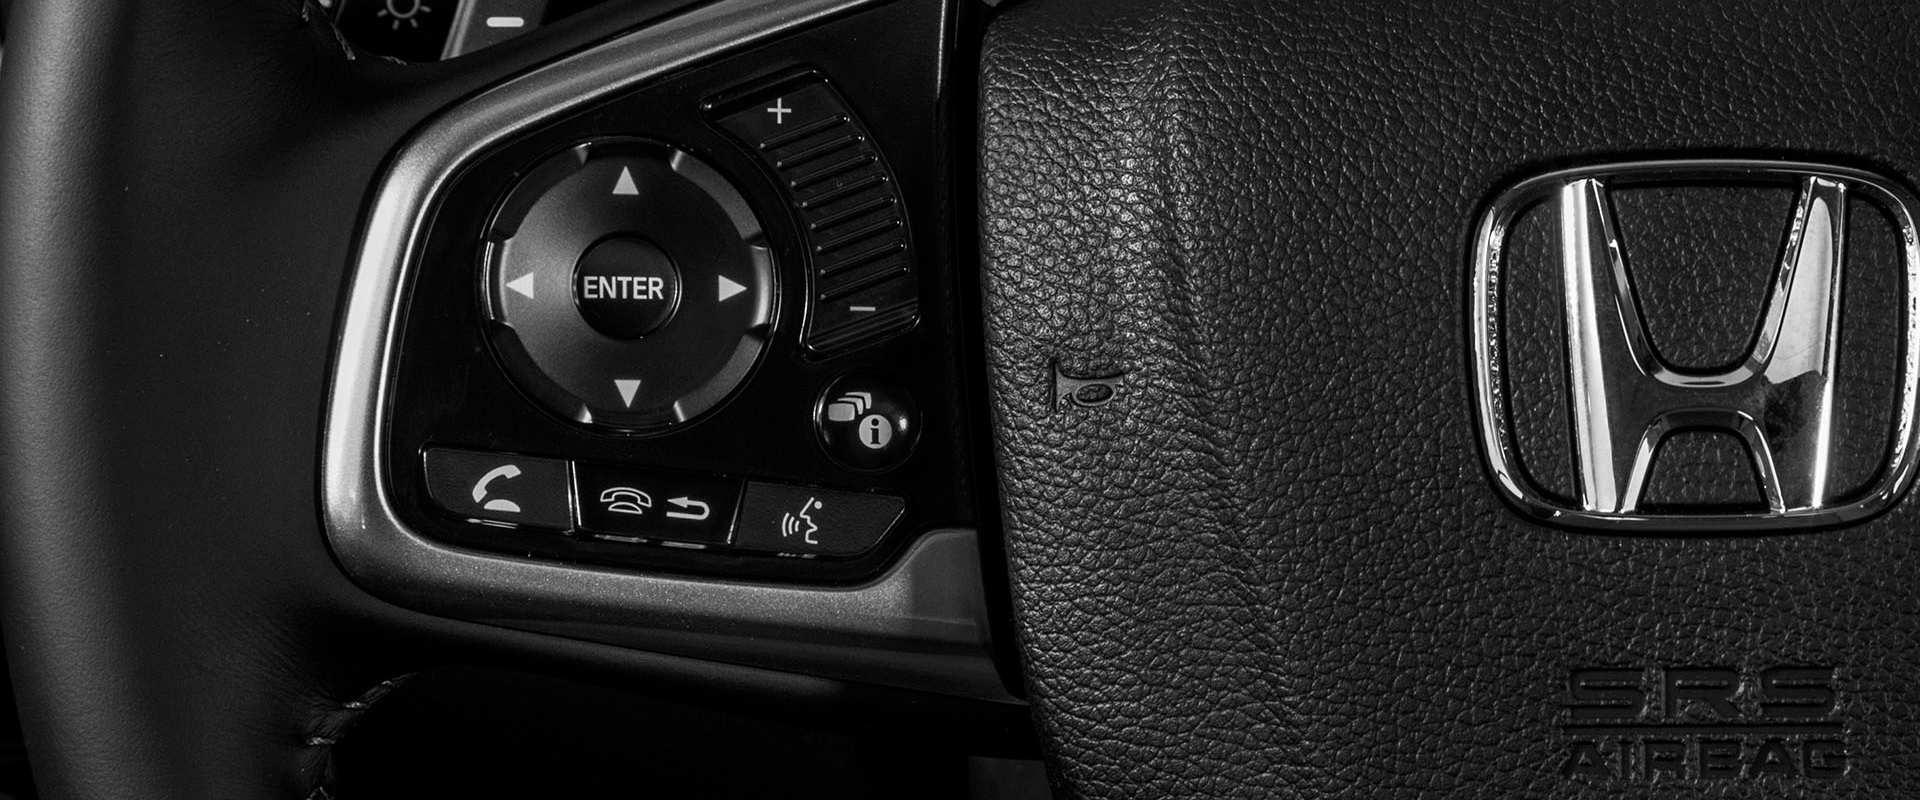 Bluetooth® com comandos HFT